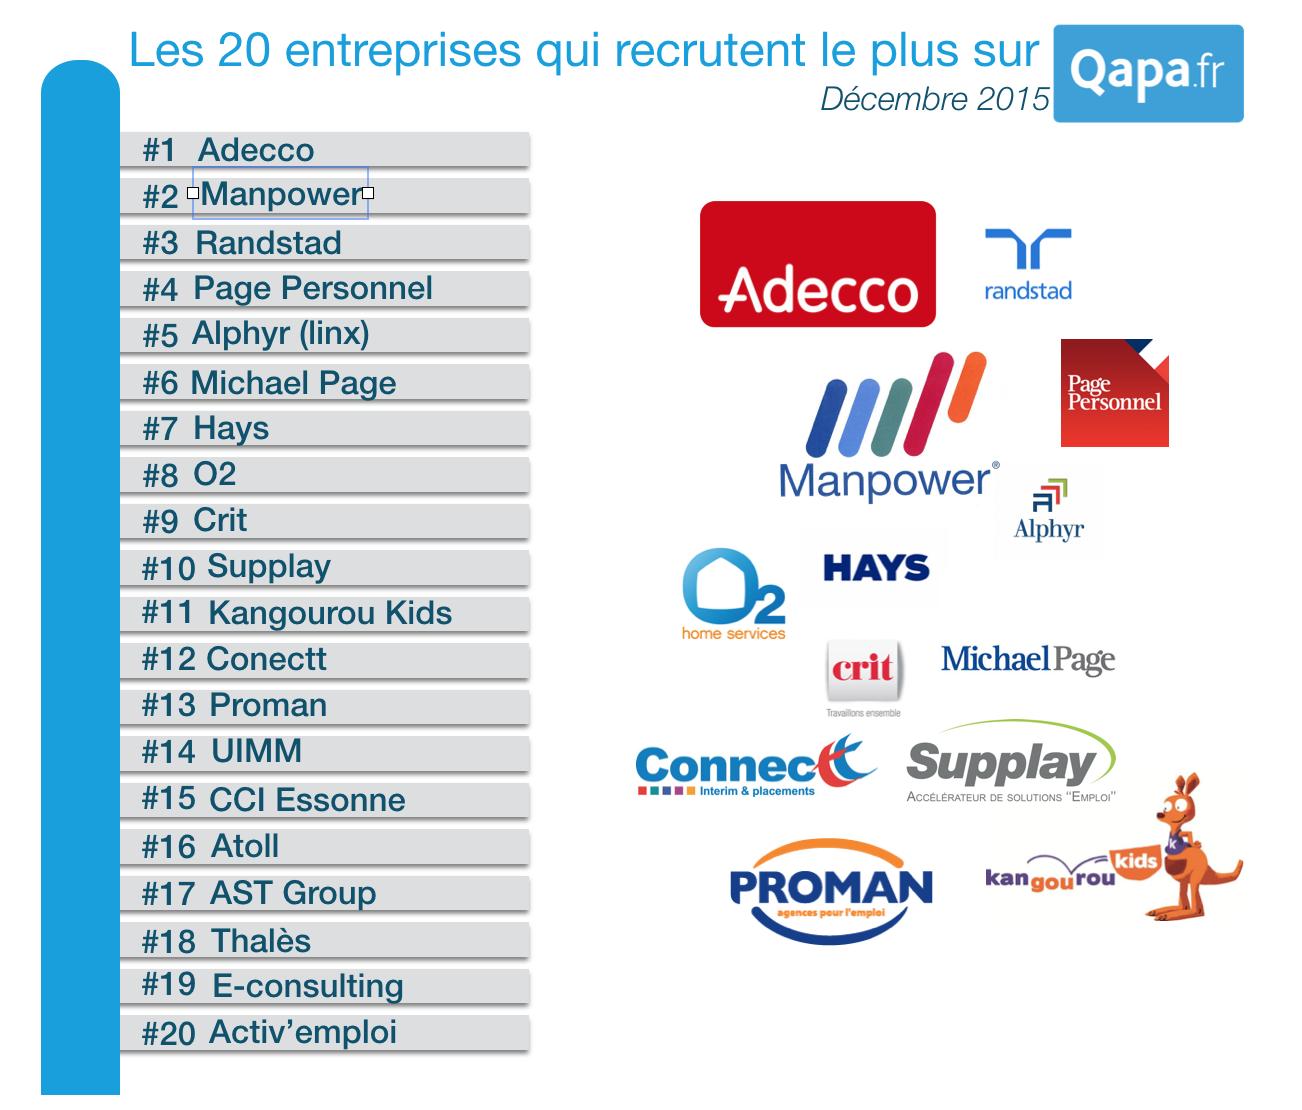 top 20 entreprises qui recrutent le plus sur qapa fr